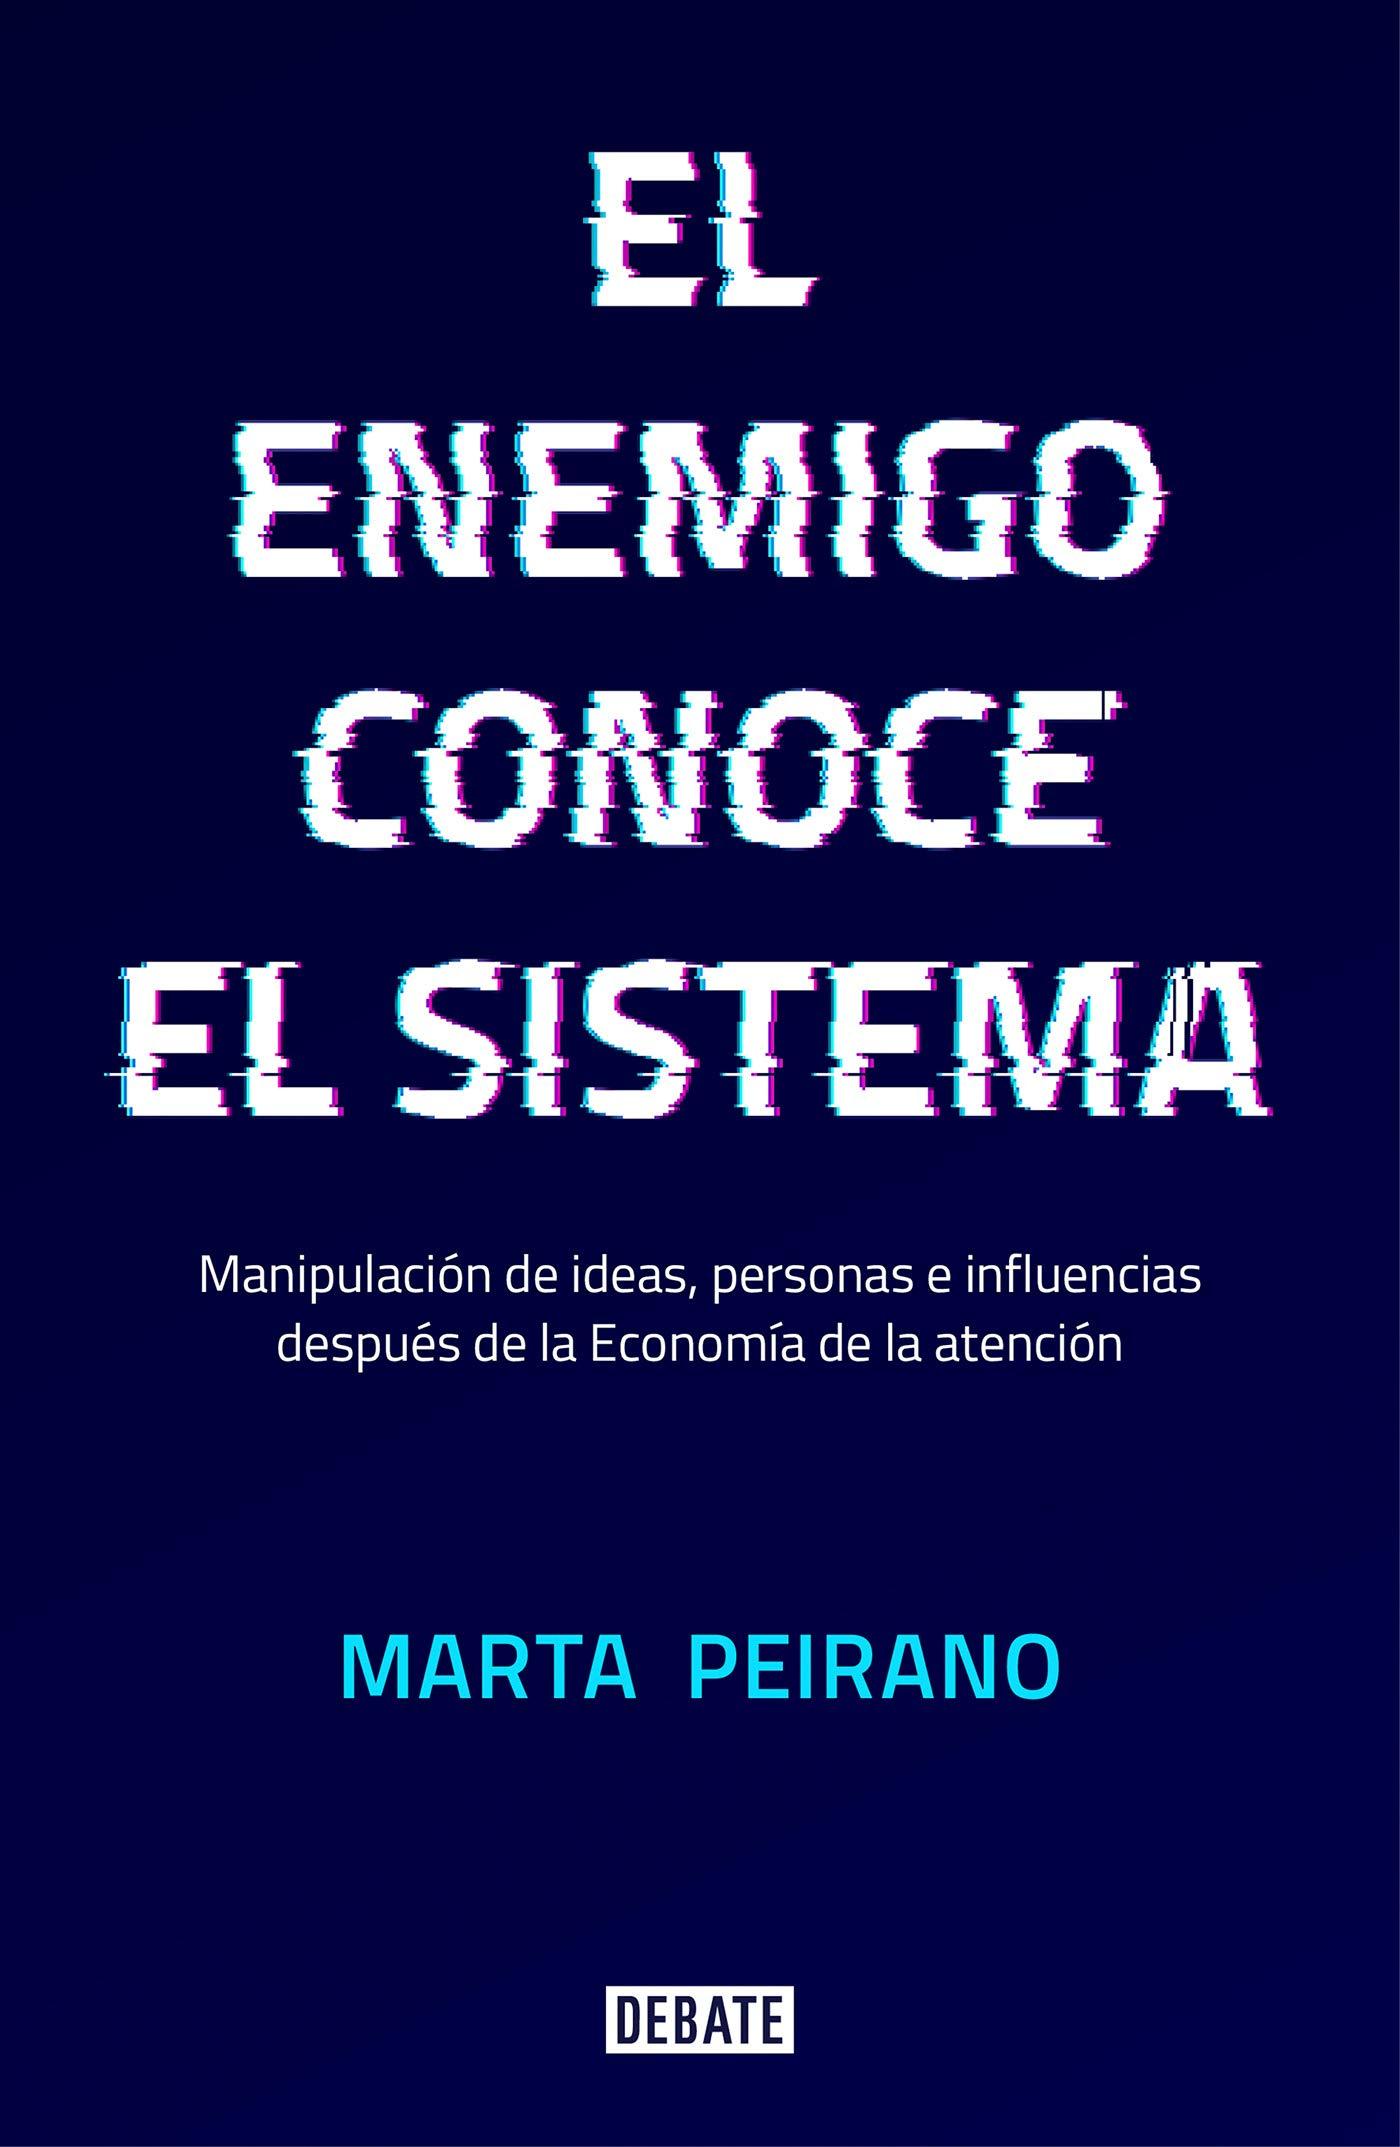 El enemigo conoce el sistema: Manipulación de ideas, personas e influencias después de la economía de la atención (Sociedad) por Marta Peirano